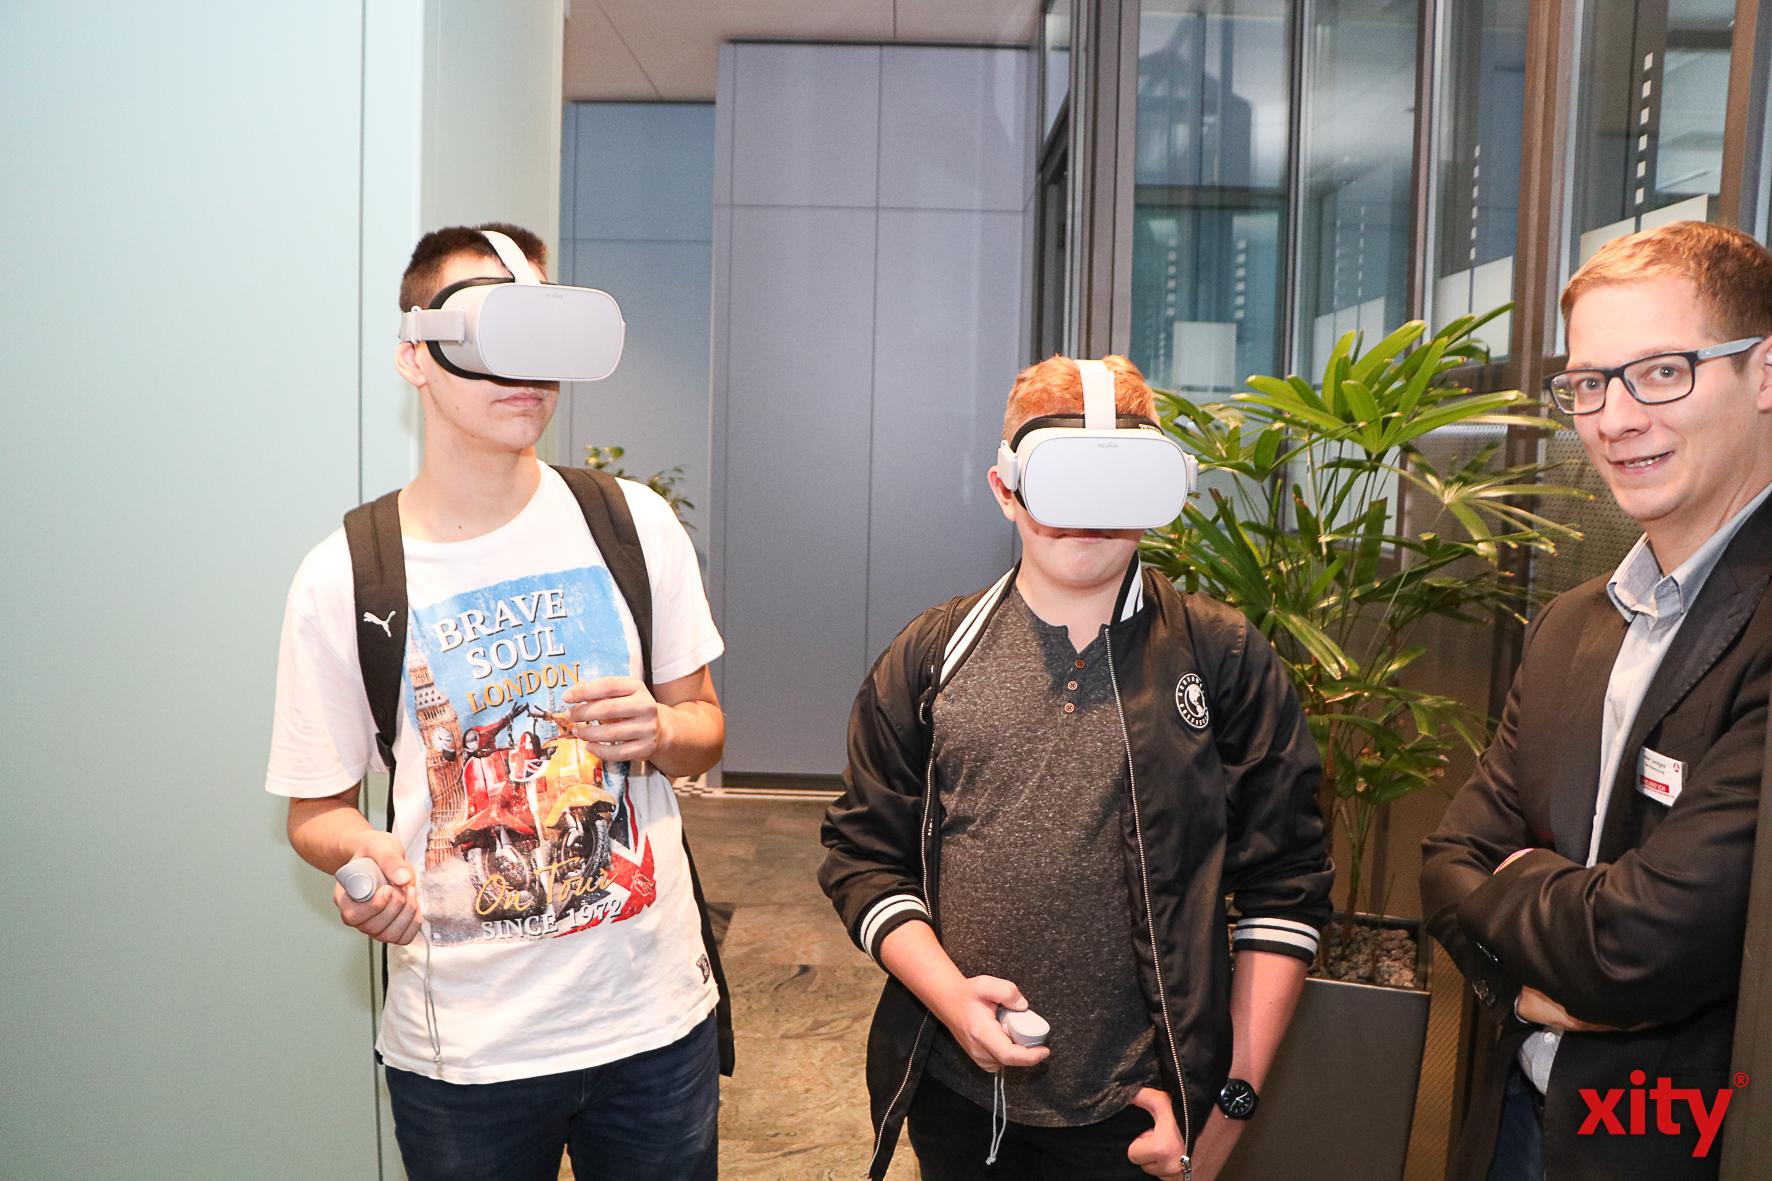 Die Schüler konnten vor Ort auch Virtual Reality erleben (Foto: xity)